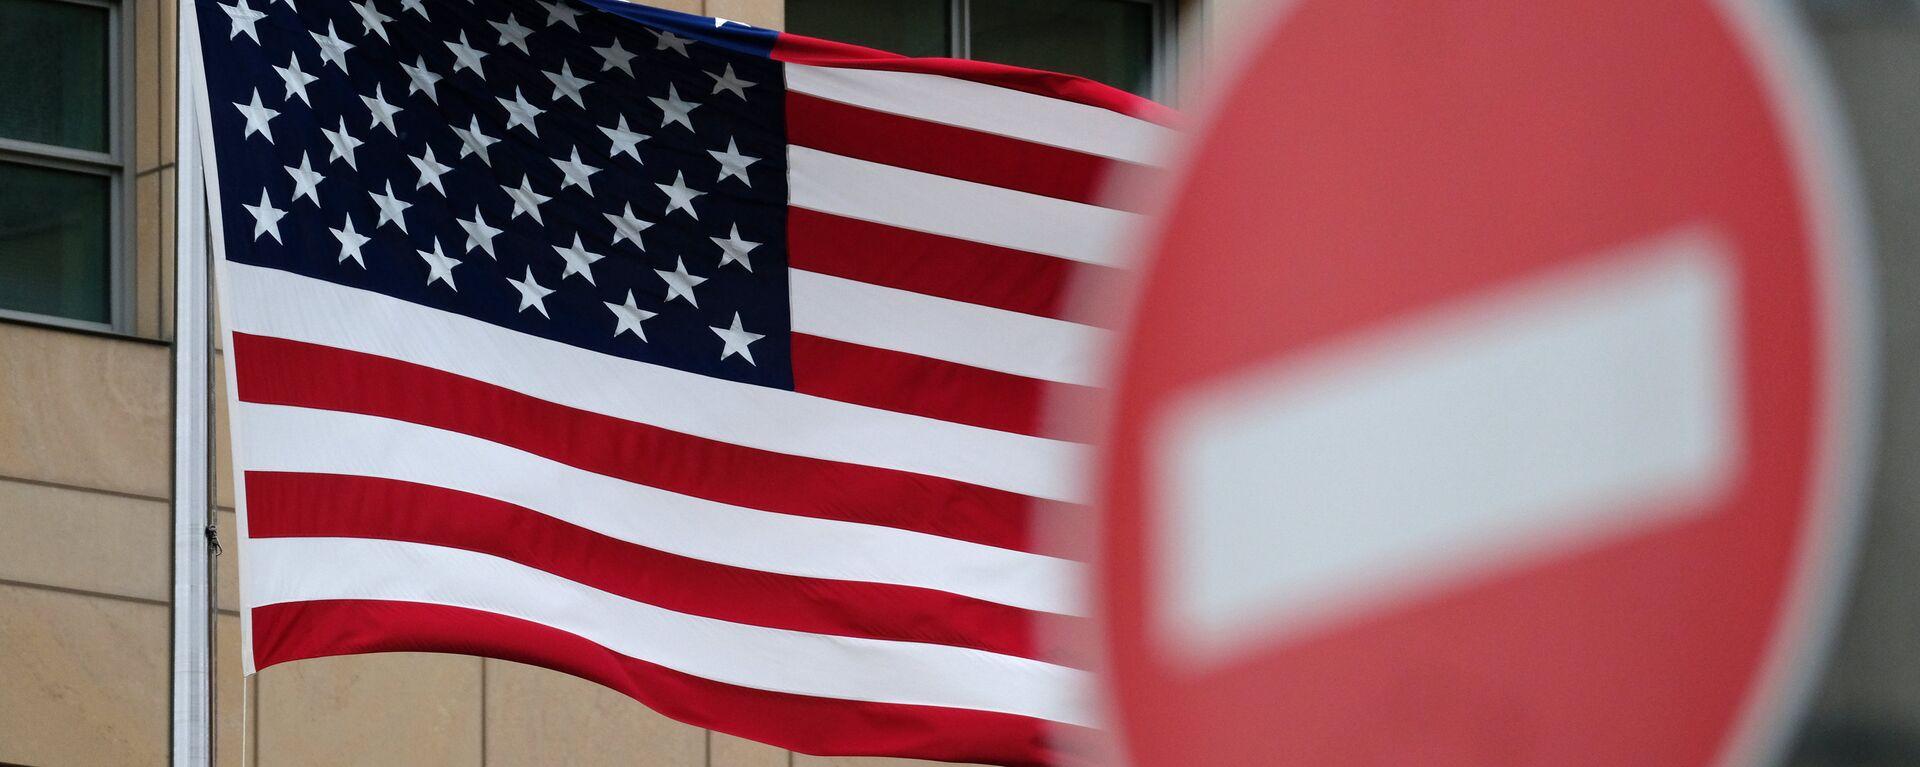 Флаг Соединенных Штатов Америки. - Sputnik Узбекистан, 1920, 14.06.2021